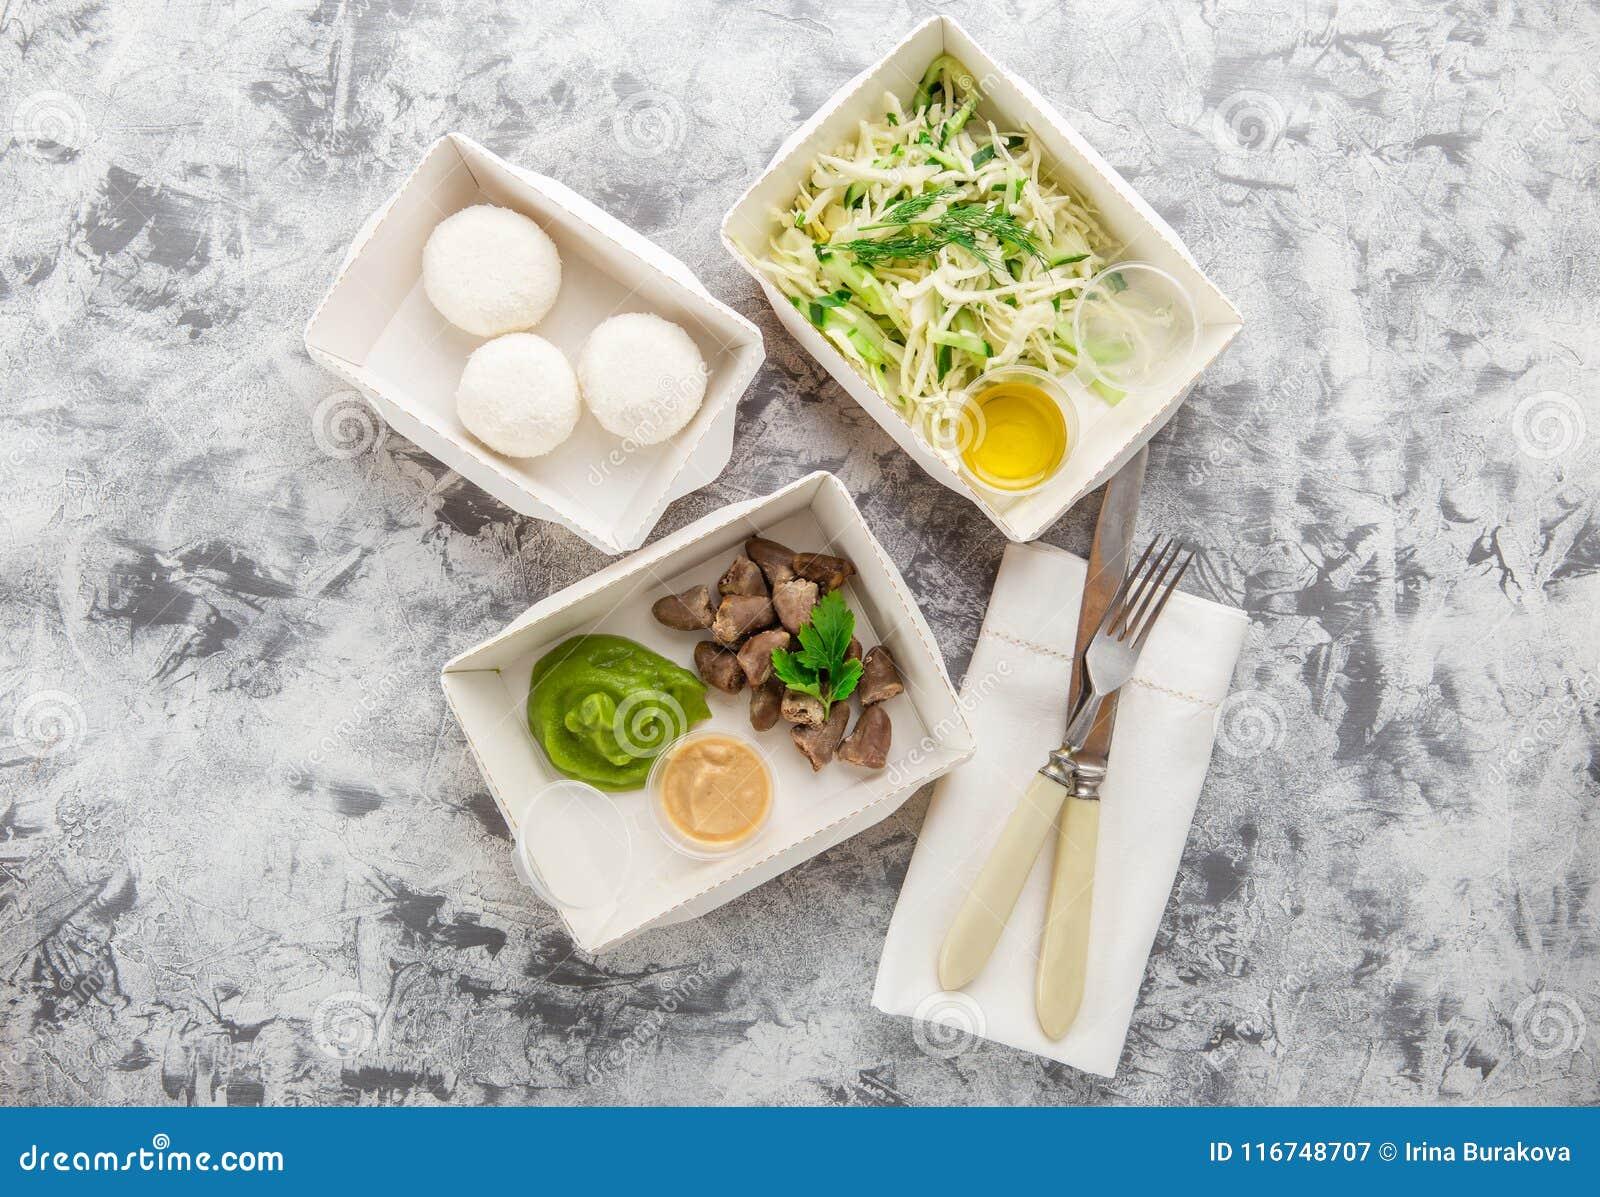 Съешьте правую концепцию, здоровую еду, взятие питания фитнеса прочь в бумажных коробках, взгляд сверху, положении квартиры